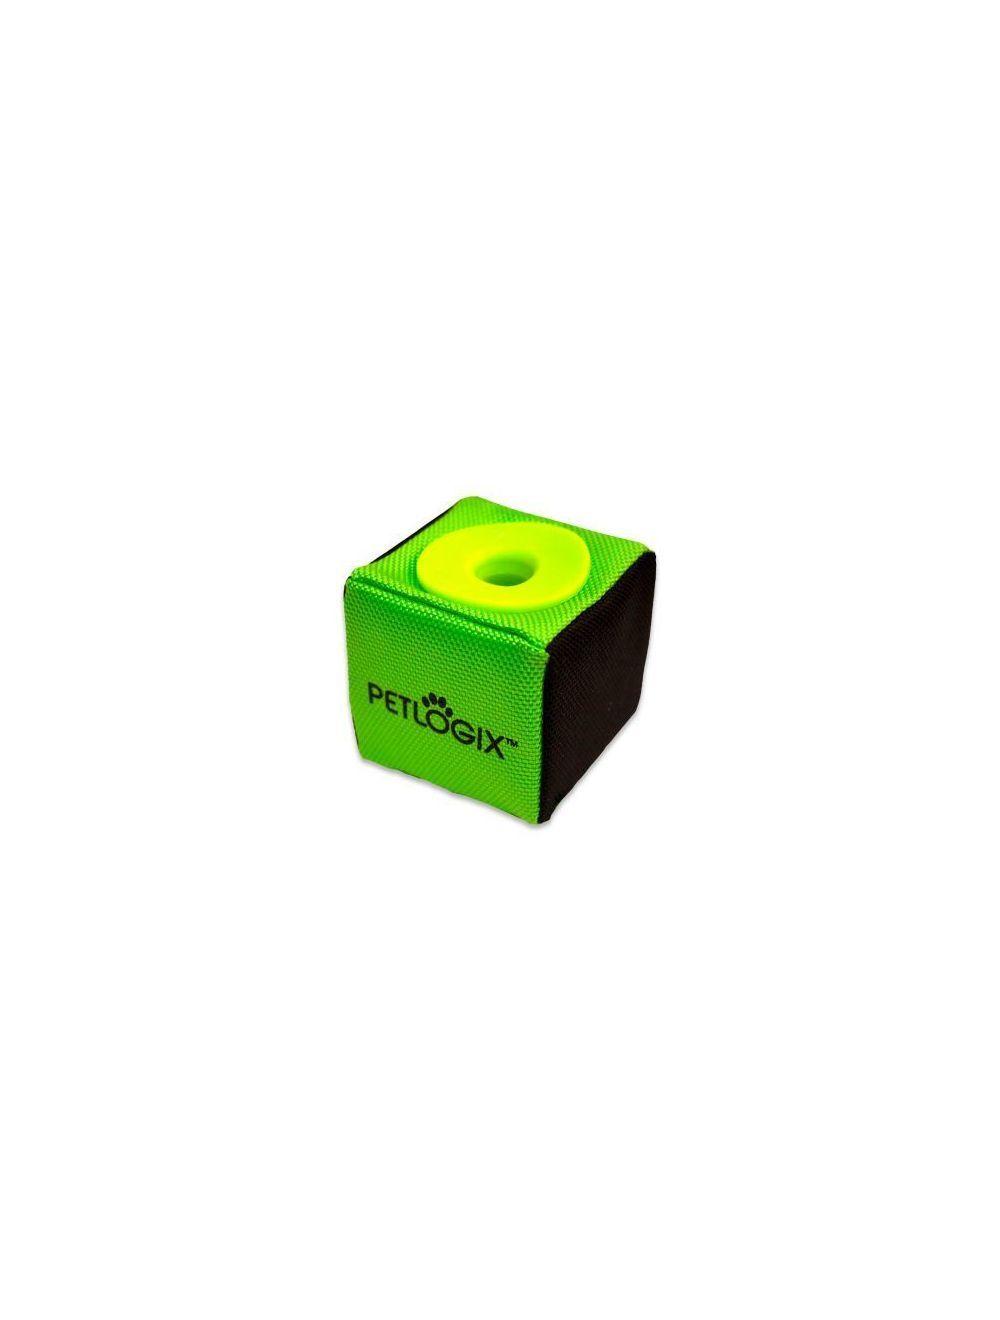 Petlogix cubo zing sm